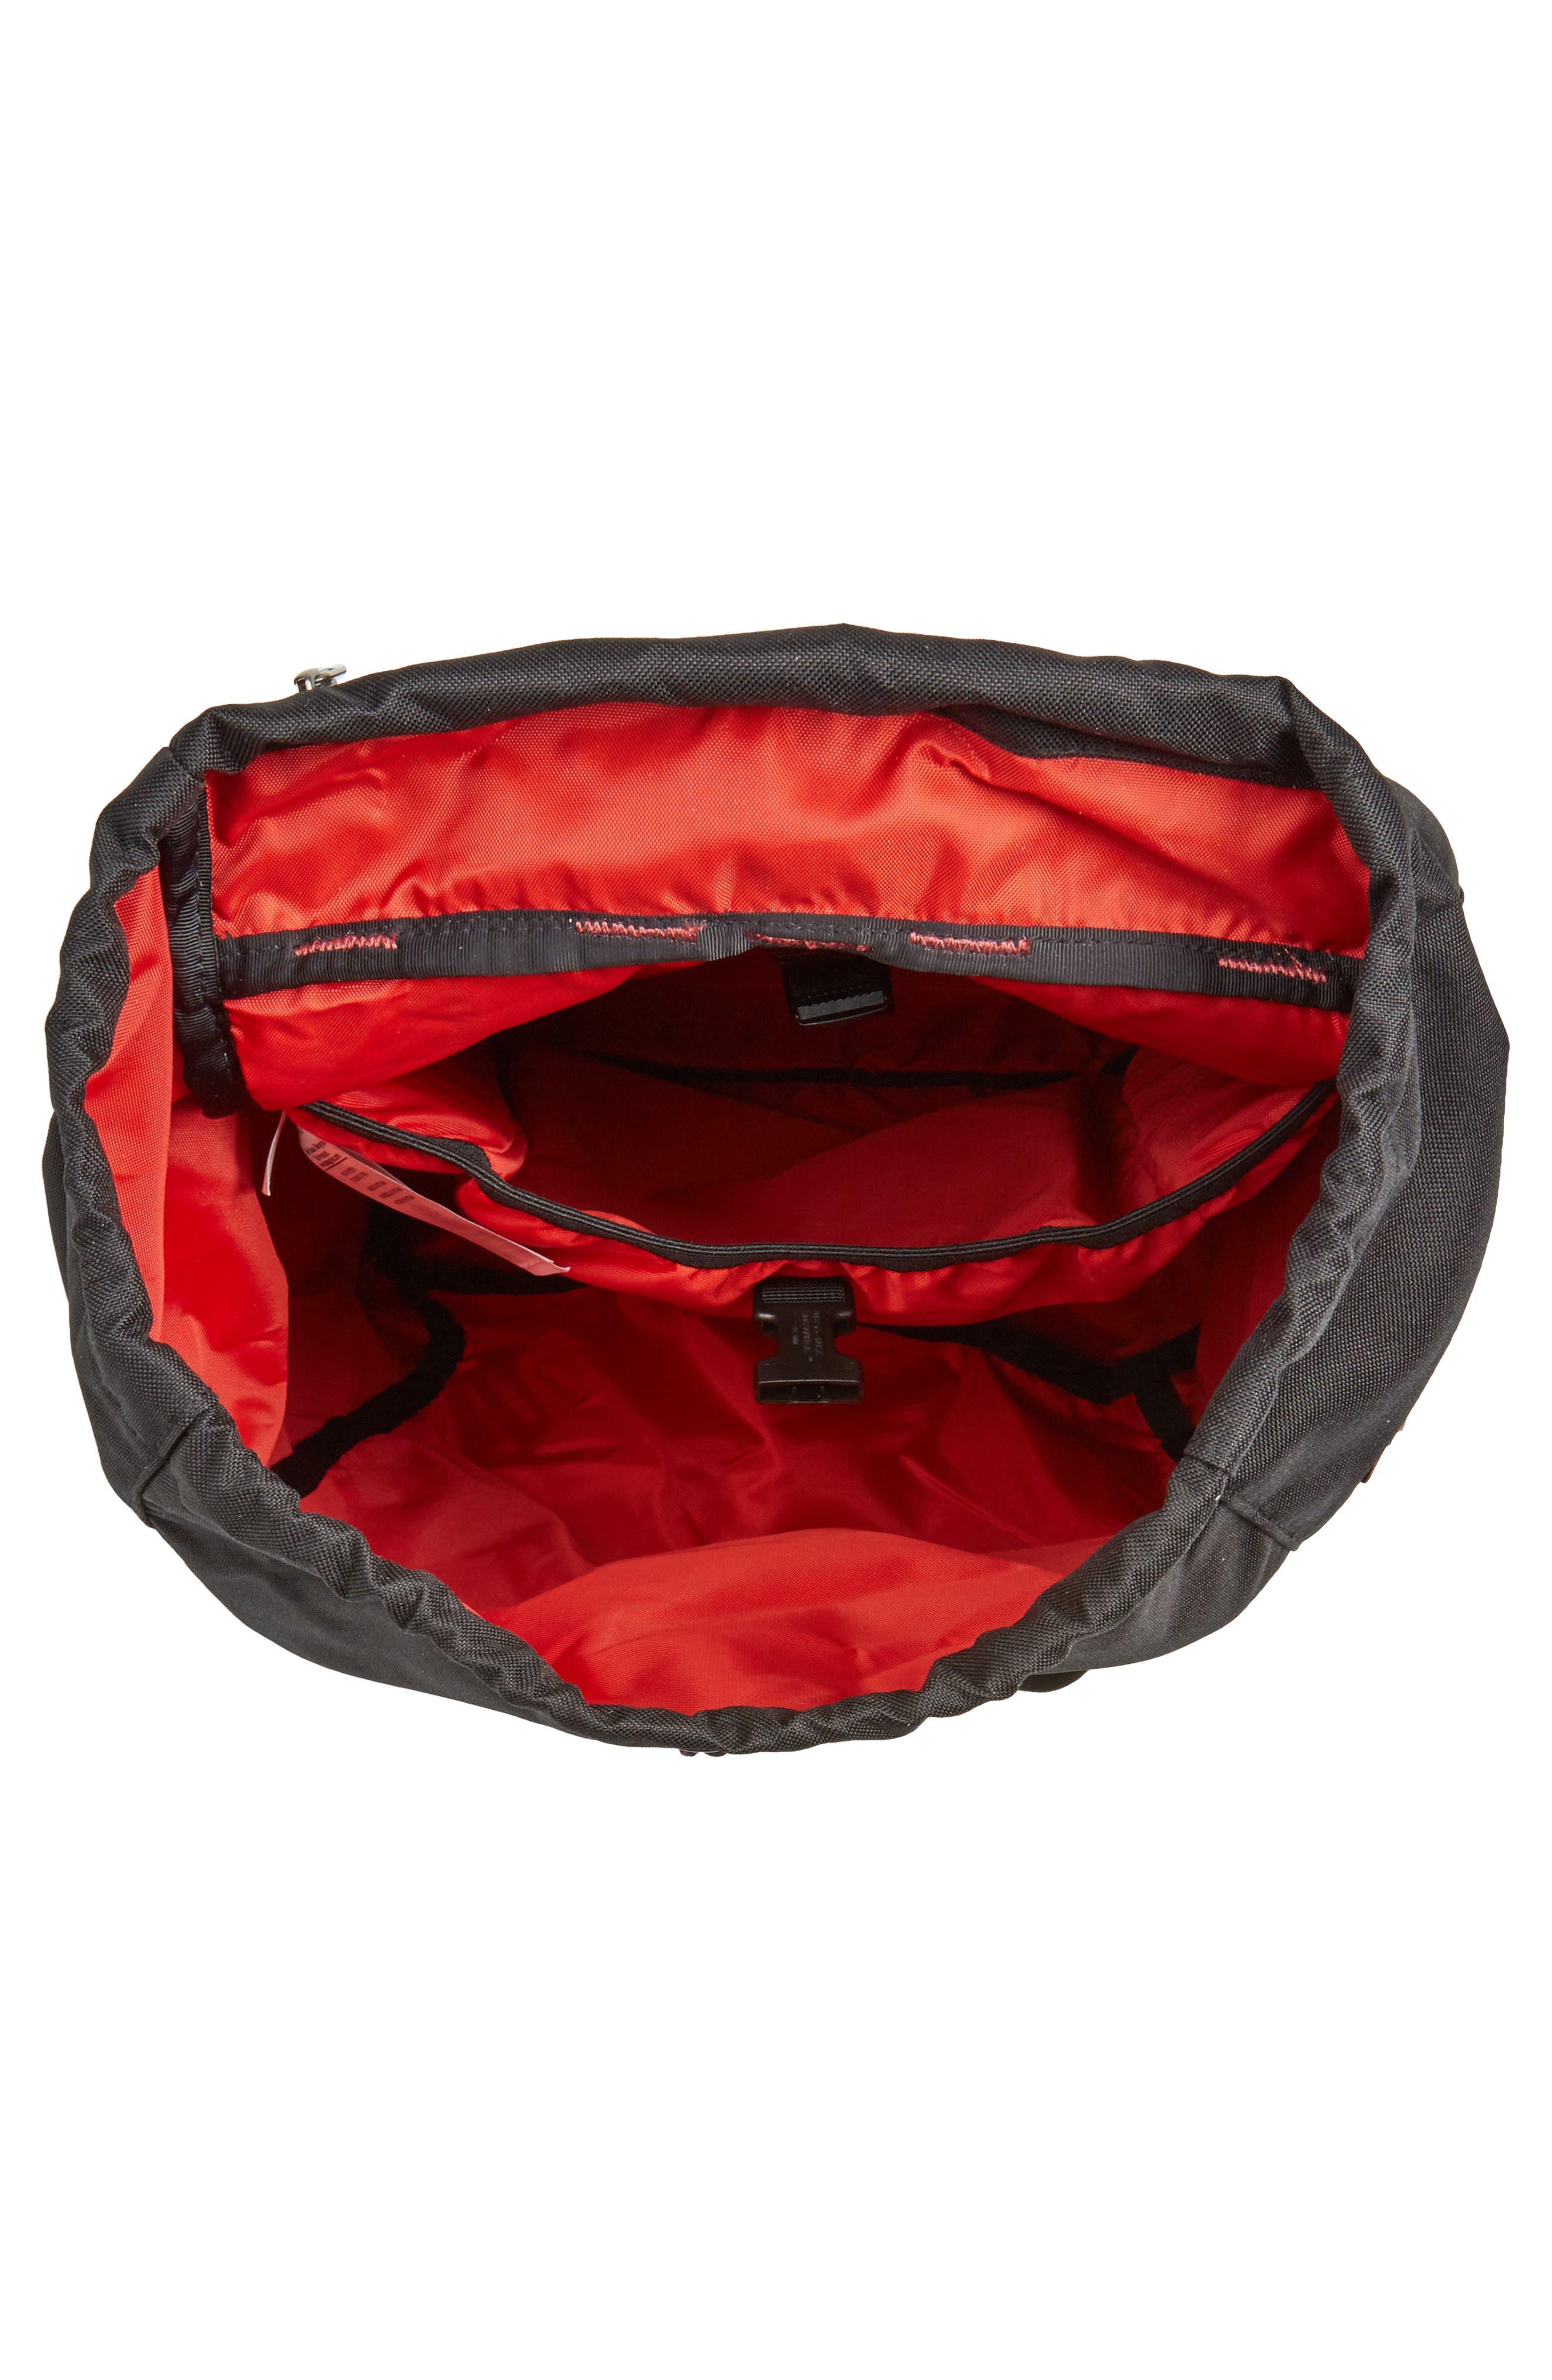 Arbor 26-Liter Backpack,                             Alternate thumbnail 4, color,                             001